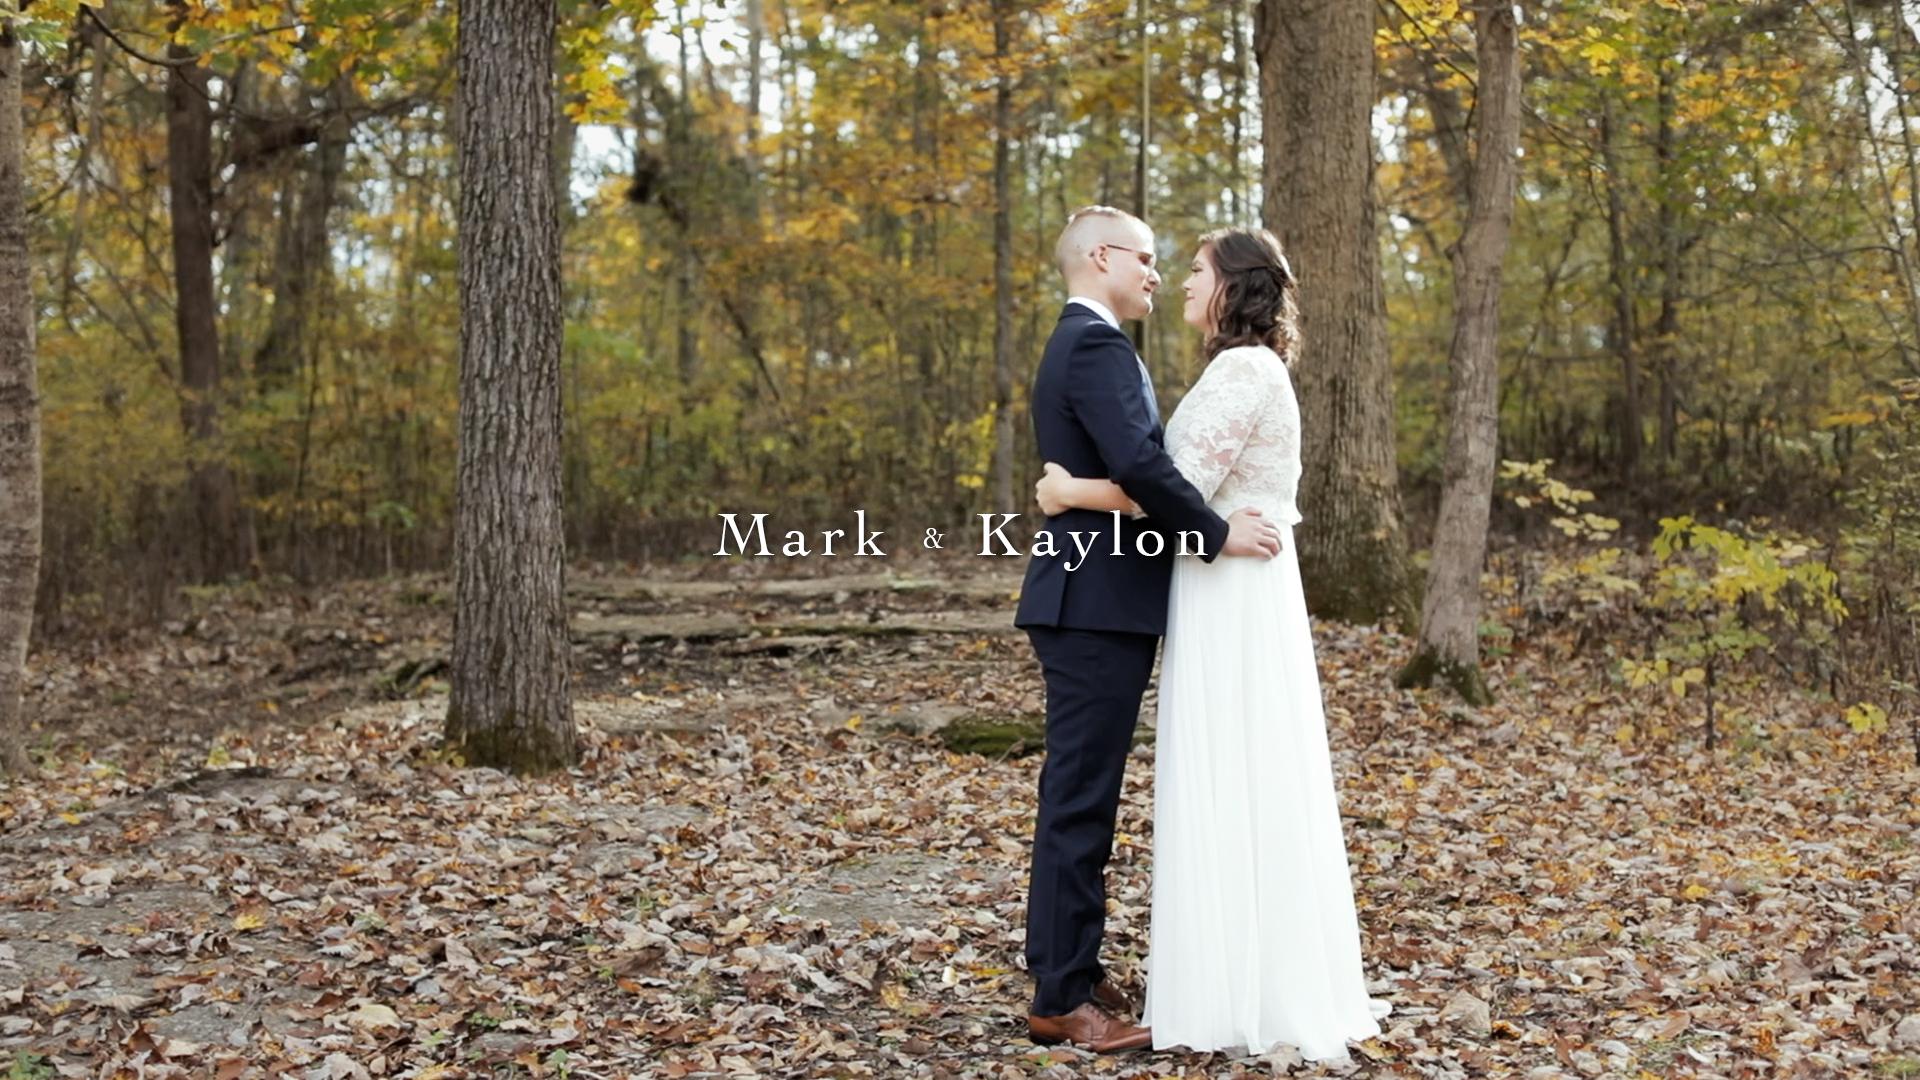 Mark + Kaylon | Murfreesboro, Tennessee | The Wren's Nest